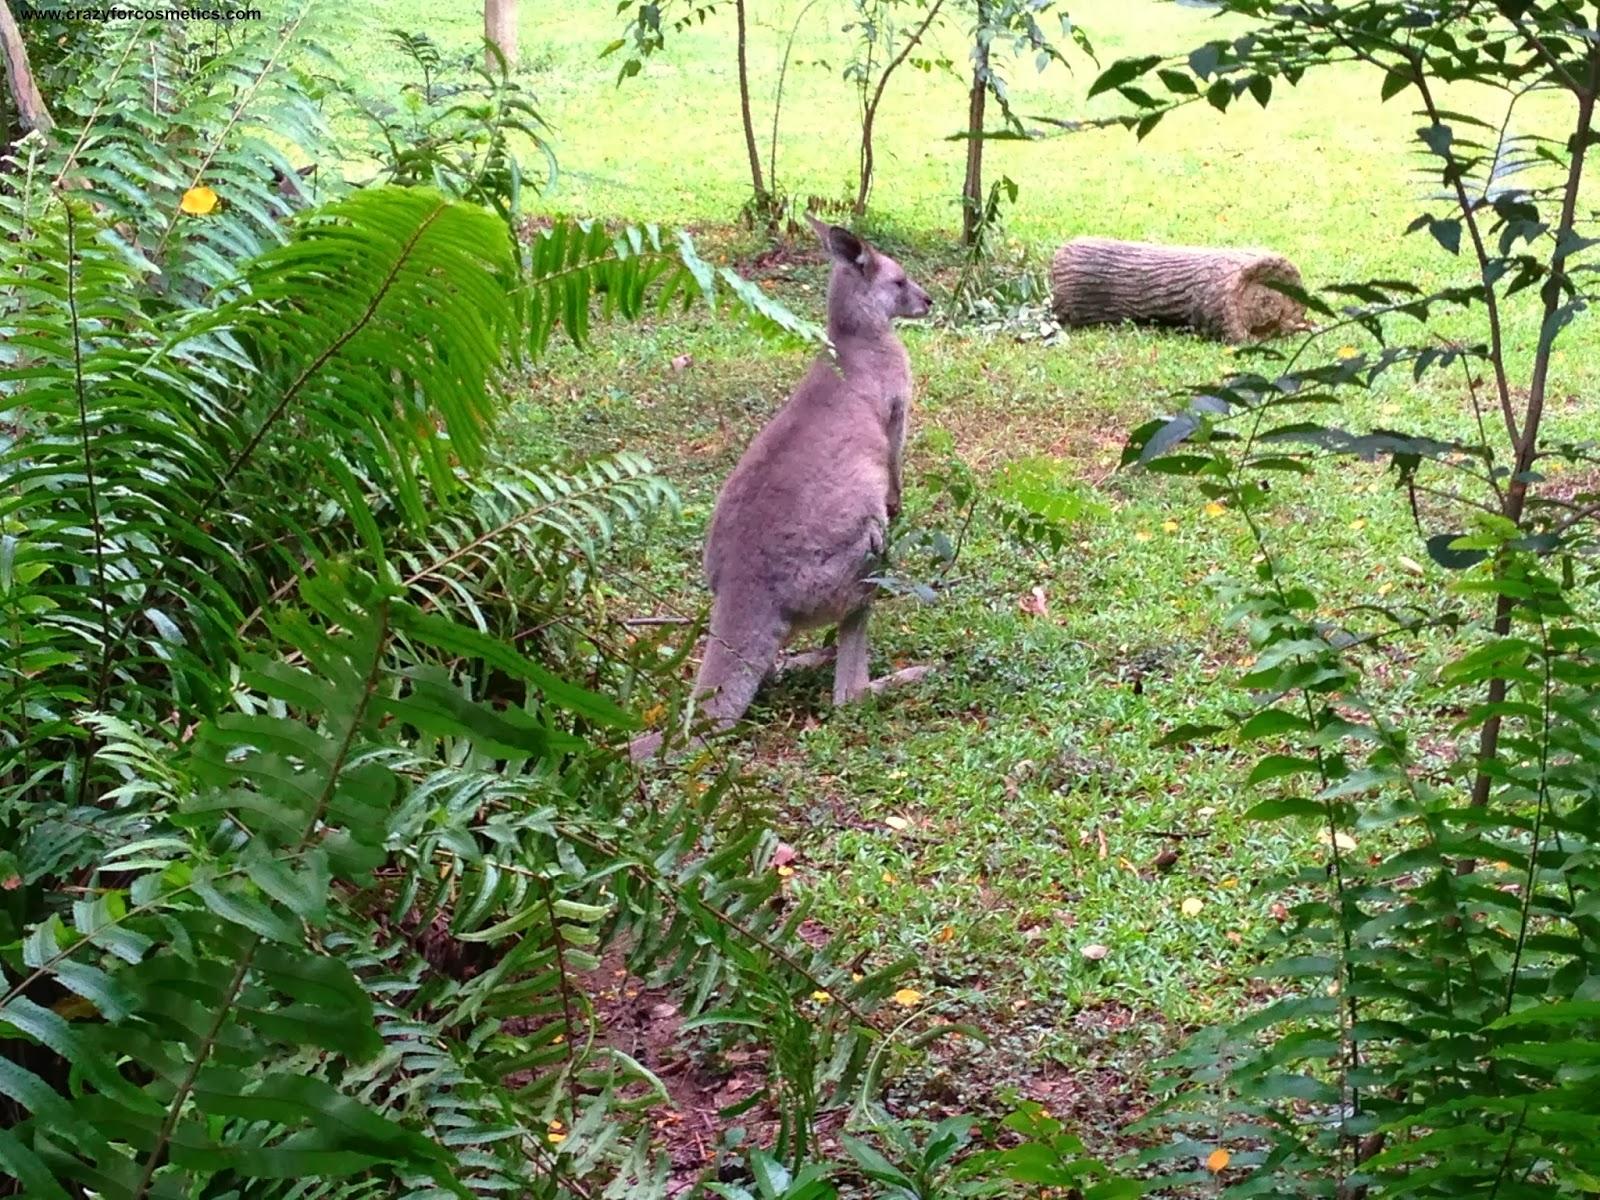 Singapore ZOo Timings-Singapore Zoo Kangaroo-Singapore Zoo rainforest experience